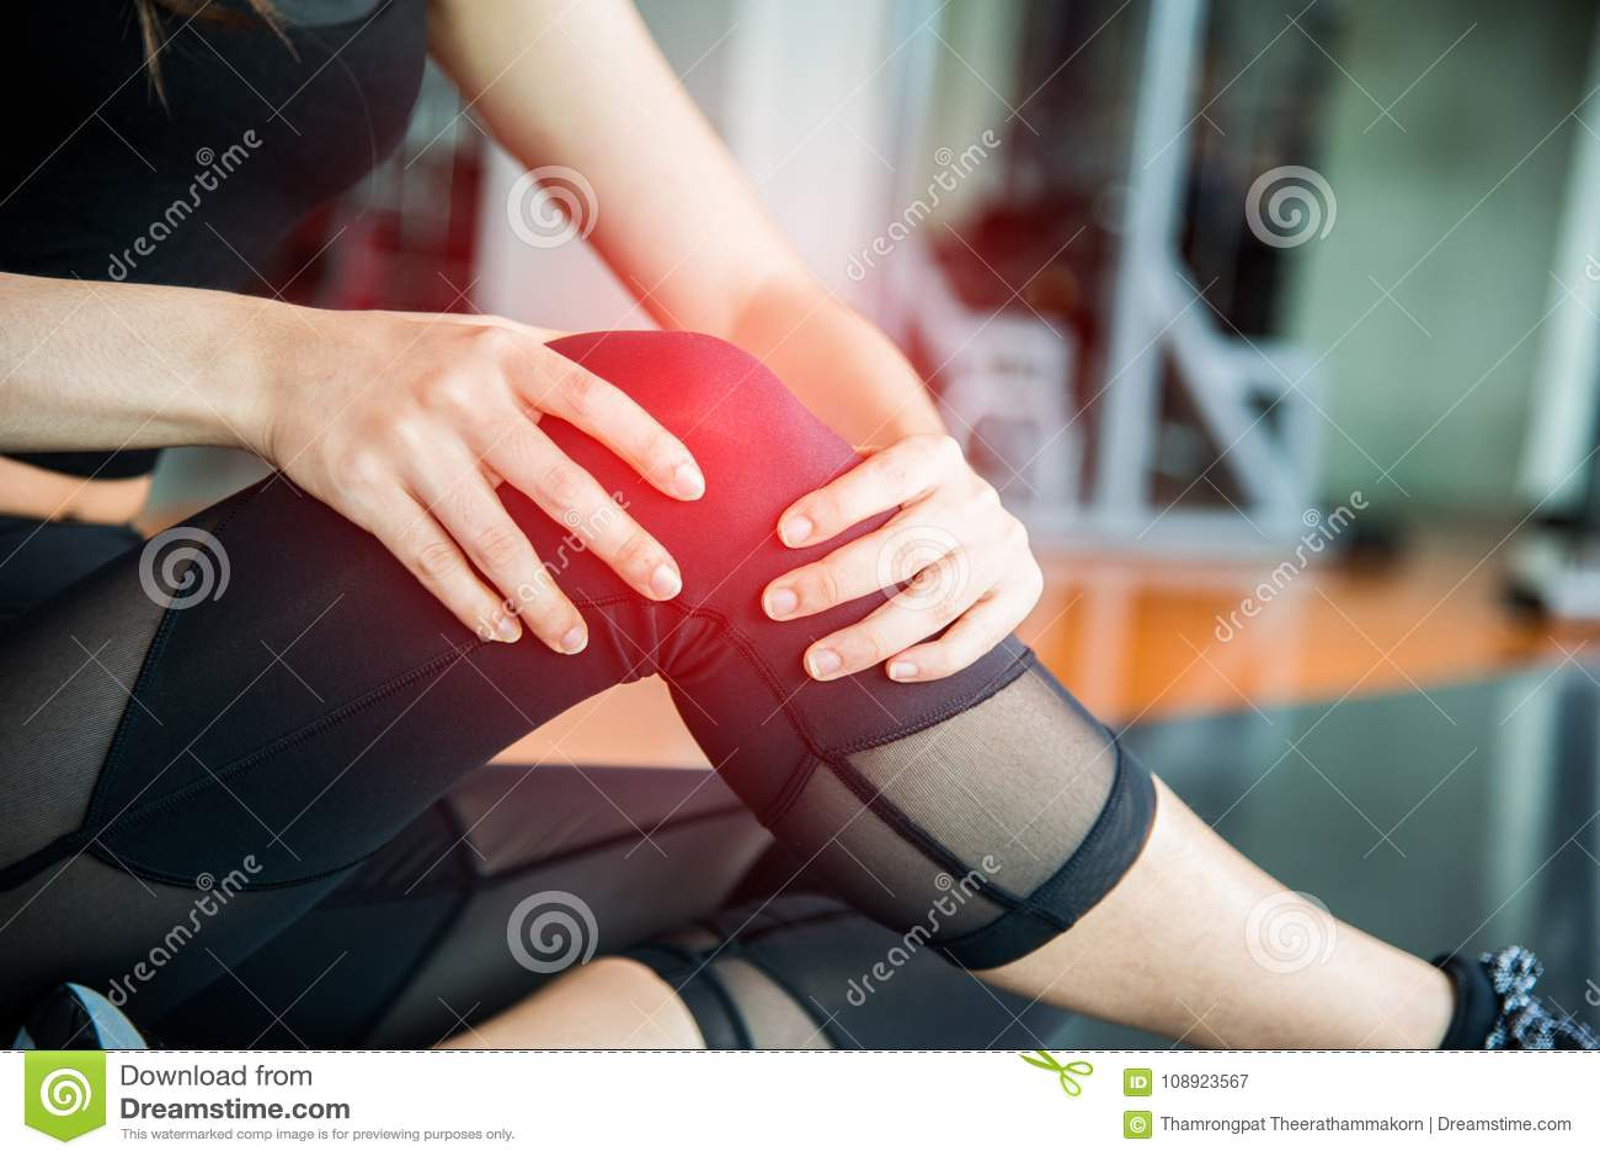 Αθλητικός τραυματισμός στο γόνατο στη γυμναστική κατάρτισης ικανότητας Κατάρτιση και medi